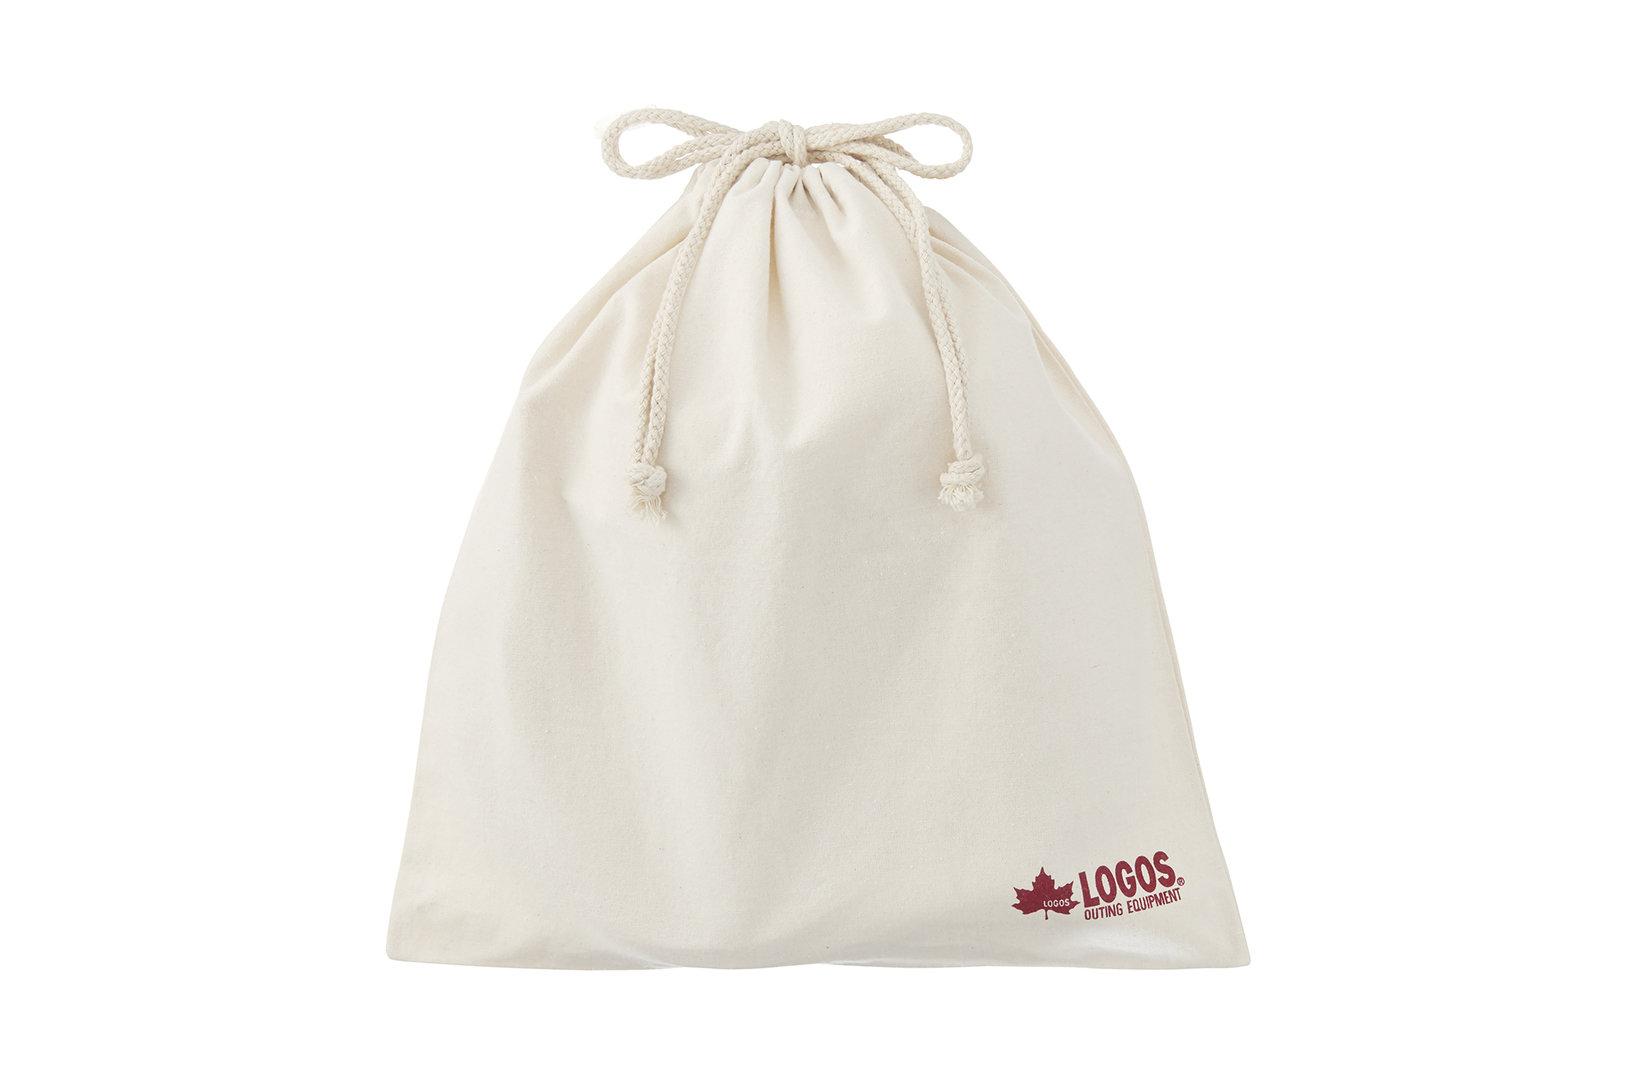 全てのセットに 持ち運びに便利な収納袋付き。